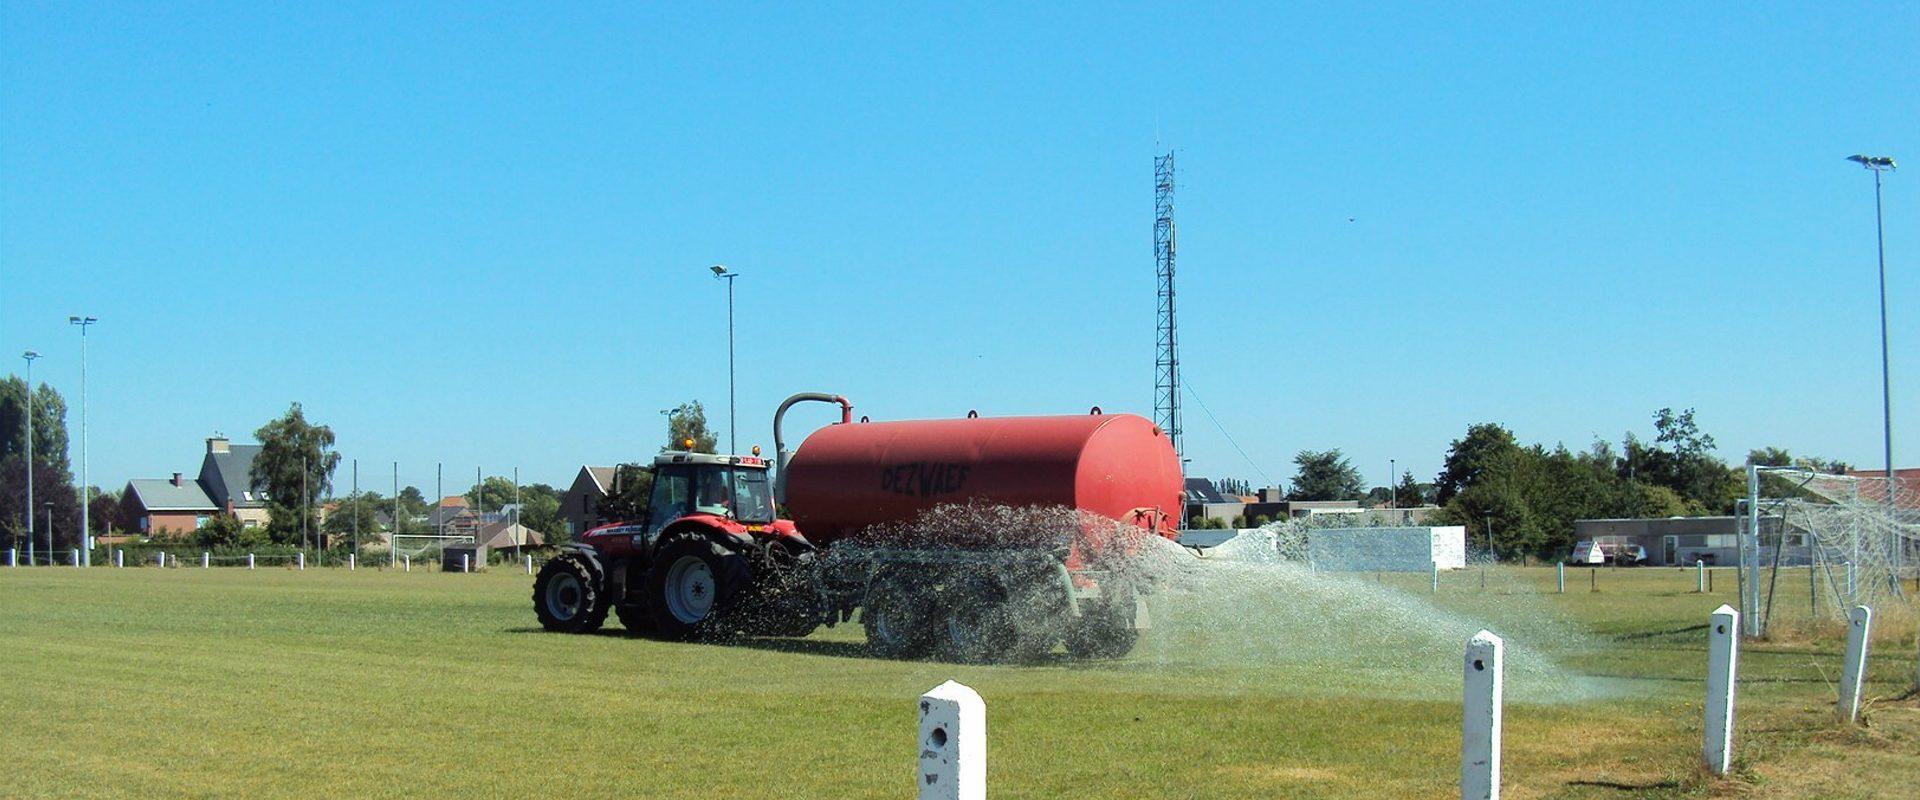 water-transport-besproeien